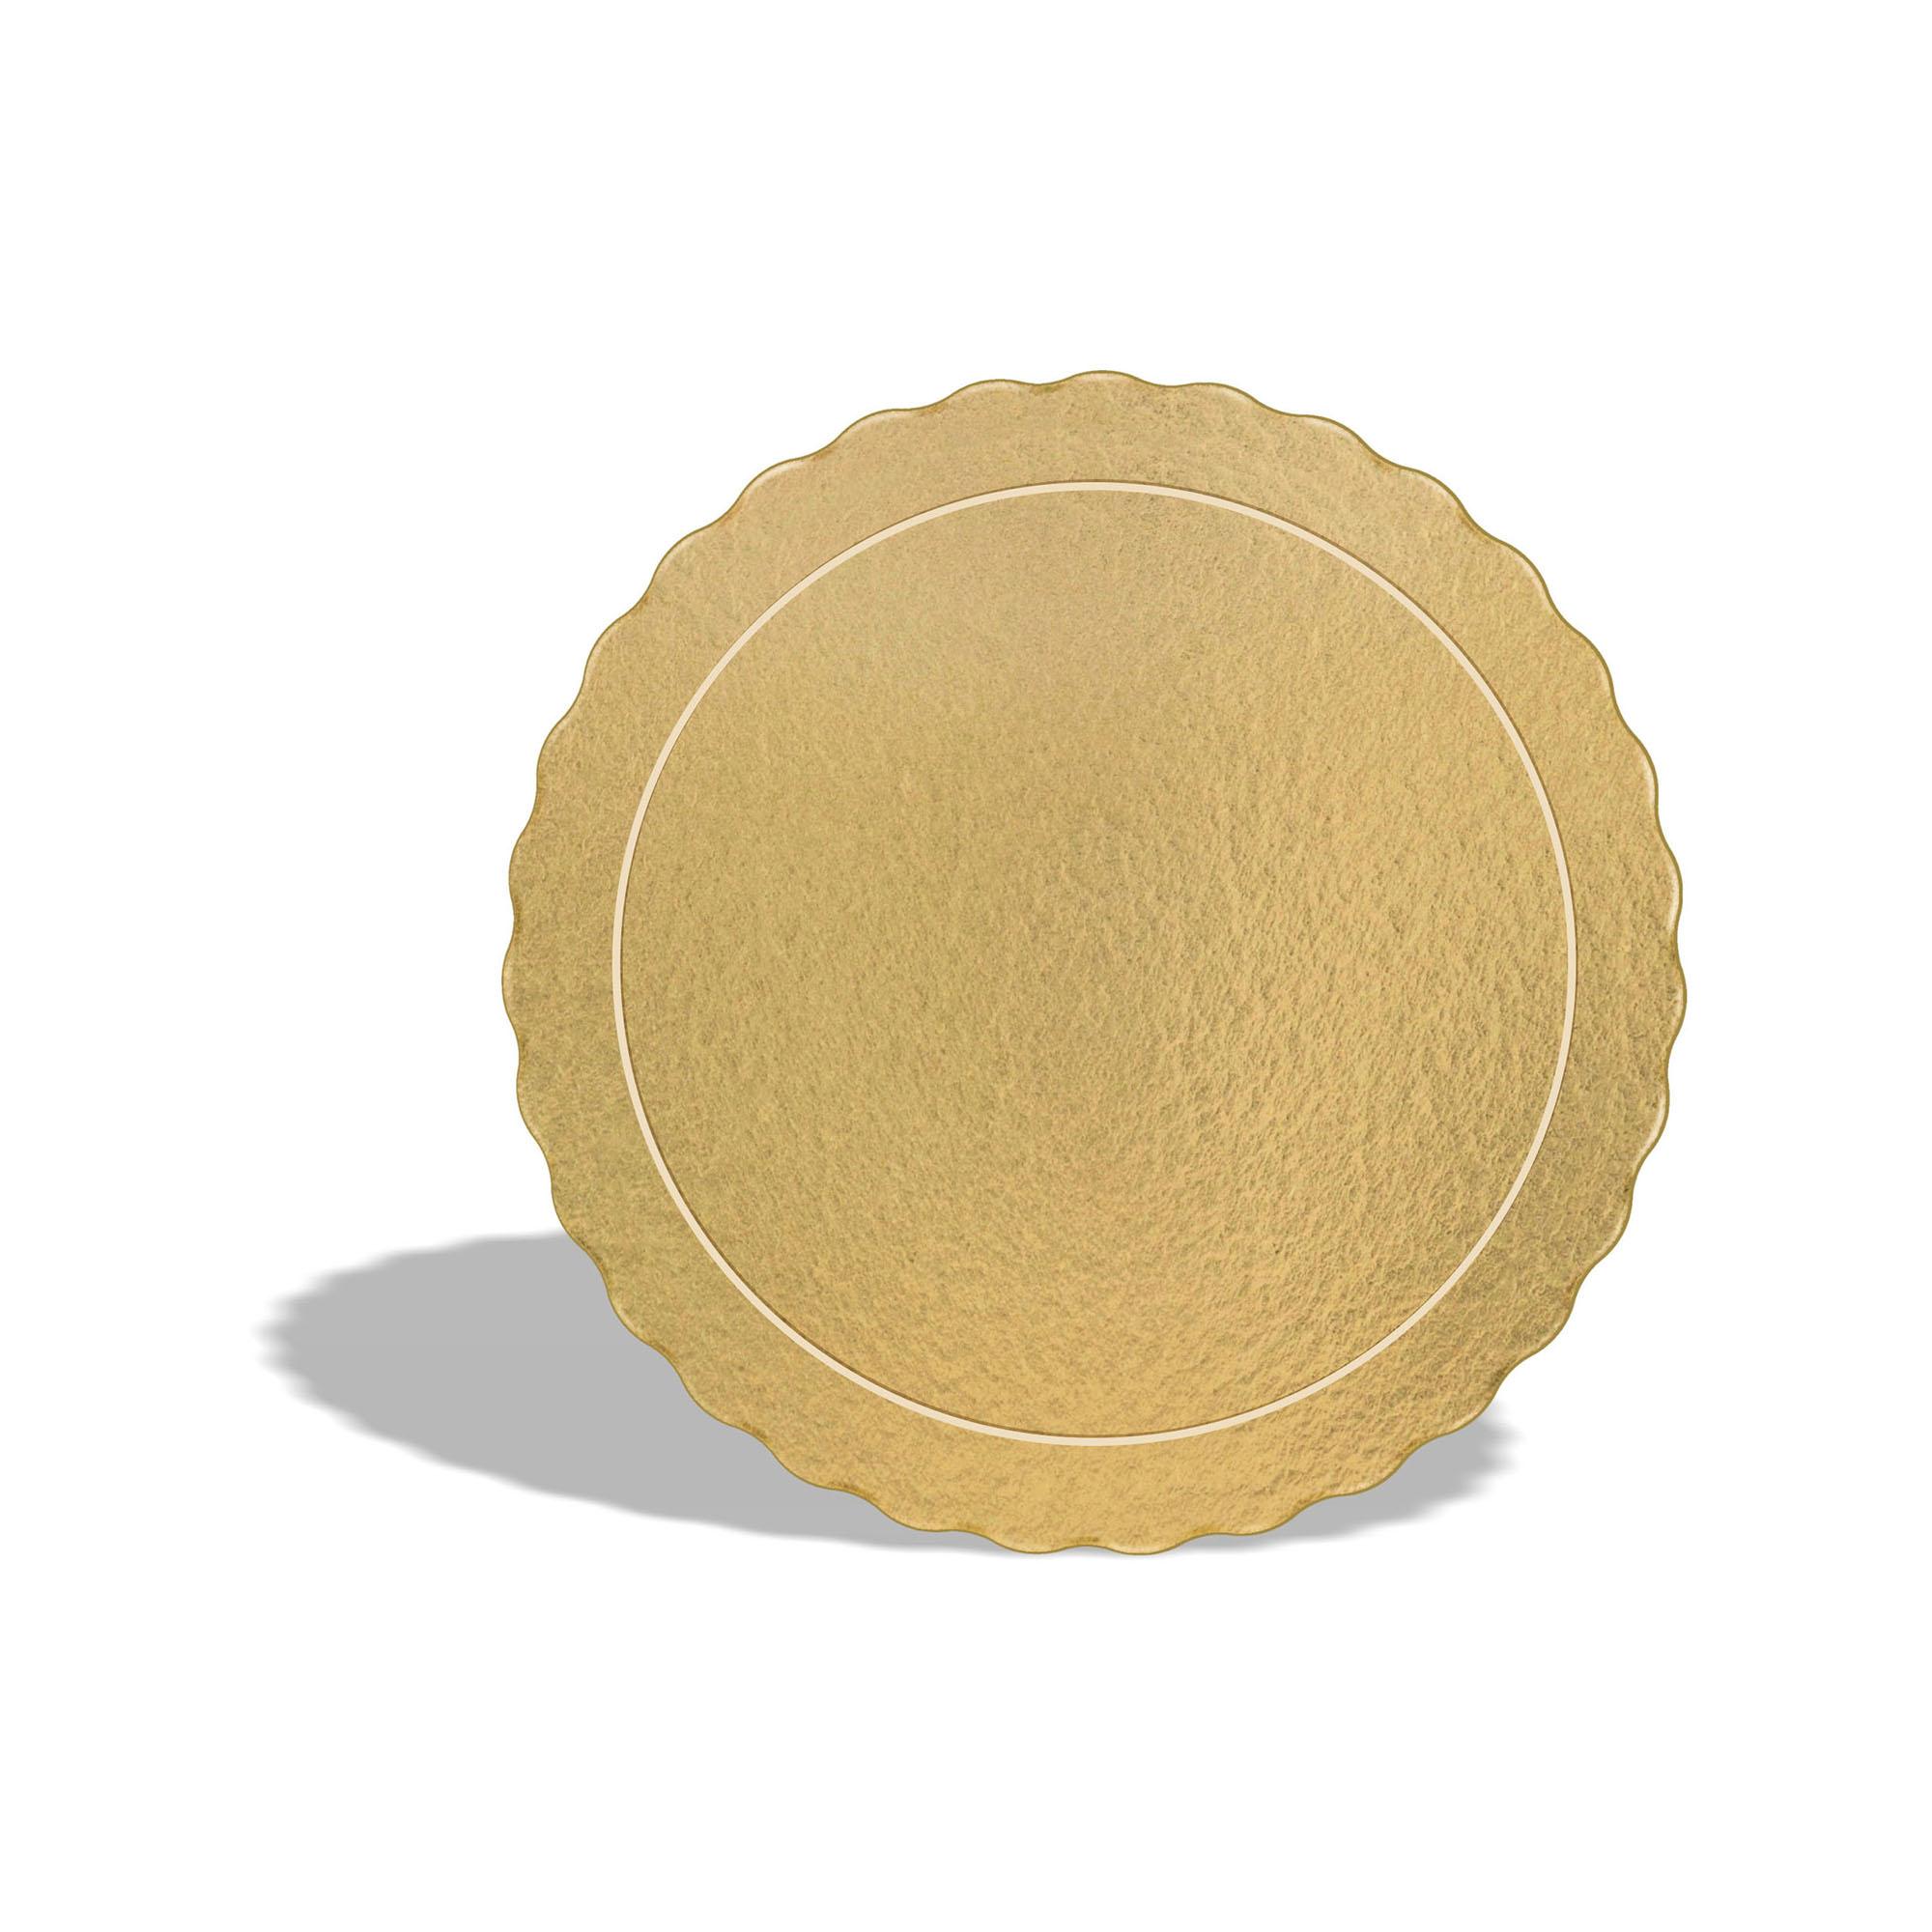 100 Bases Laminadas Para Bolo Redondo, Cake Board 30cm - Ouro